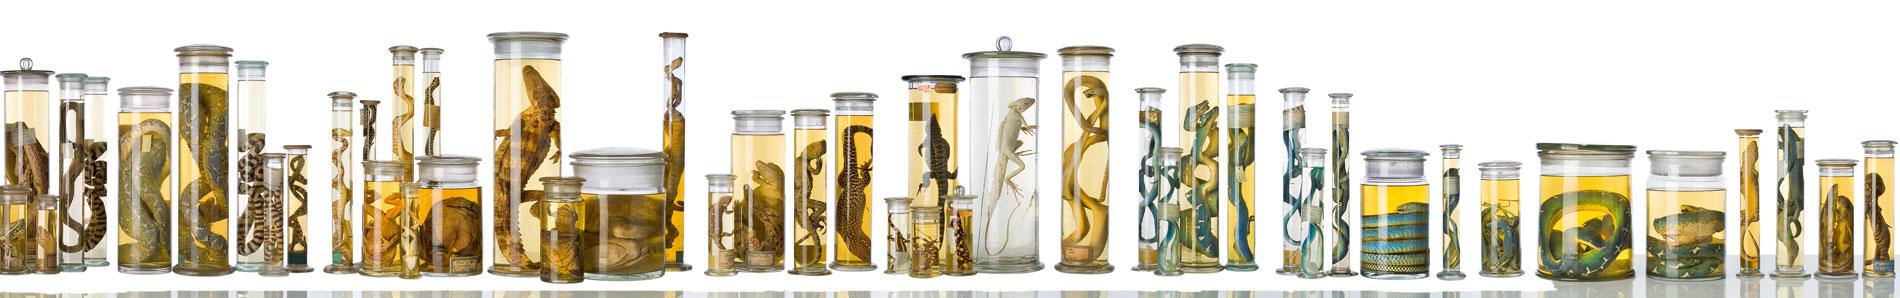 Tierpräparate aus der Nass-Sammlung des Berliner Naturkundemuseums